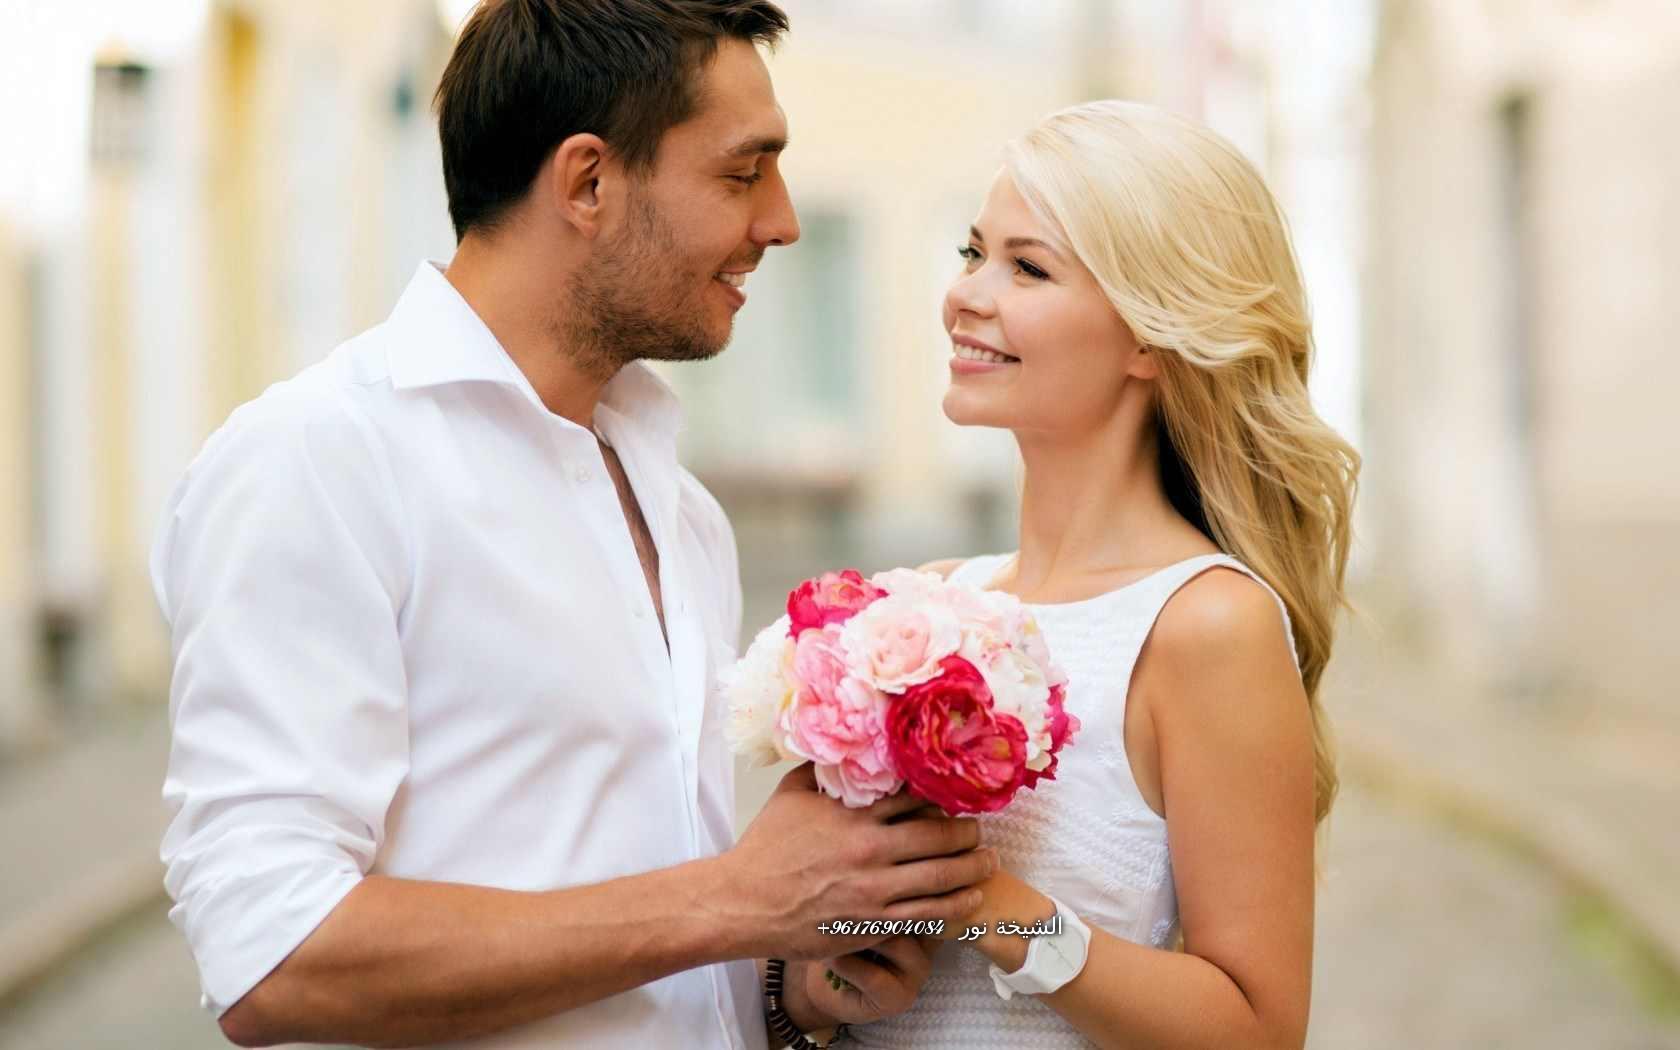 صورة جلب الرجال لكل مطلقه و تريد الزواج-أكبر وأفضل شيخة روحانية في العالم نور الصادقة0096176904084